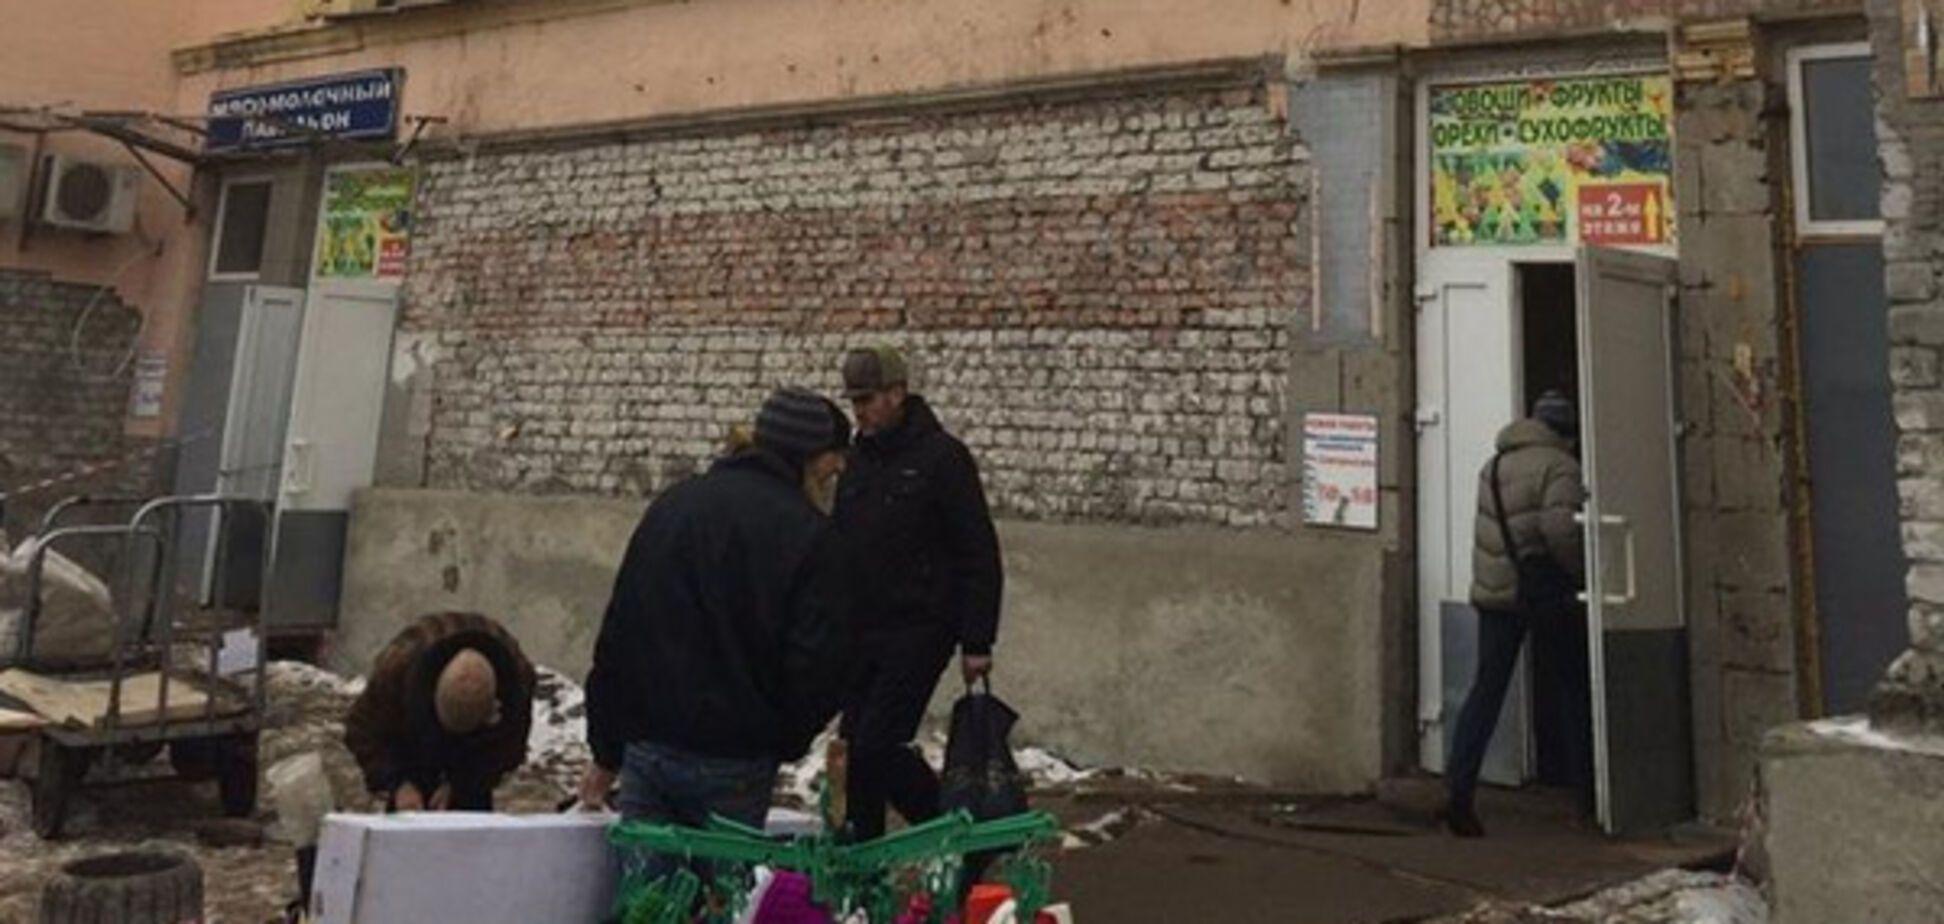 Здание мясного павильона Центрального рынка Луганска